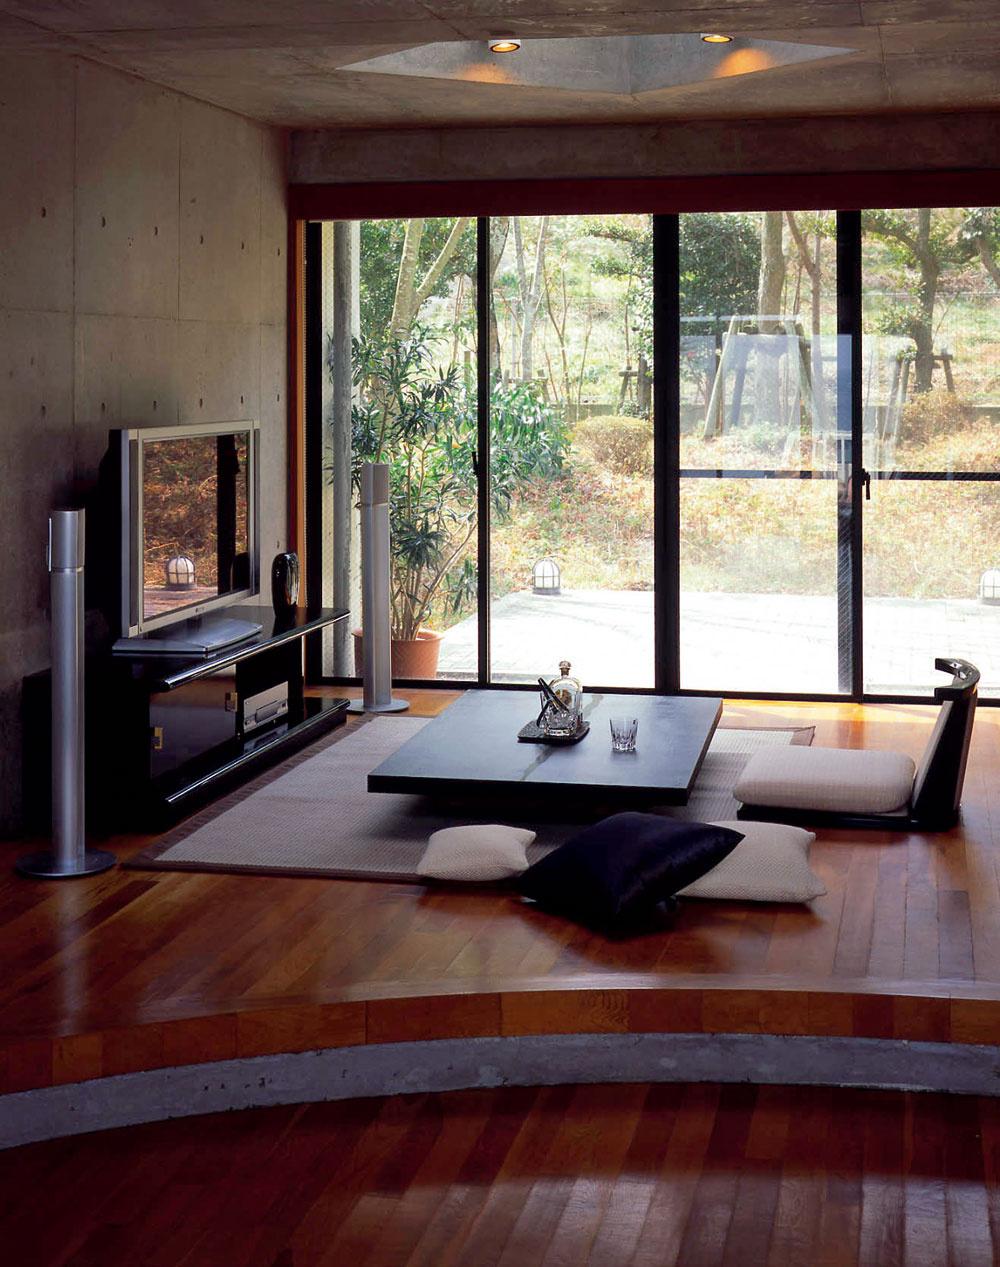 Ukážka delenia priestoru výškovým rozdielom podlahy